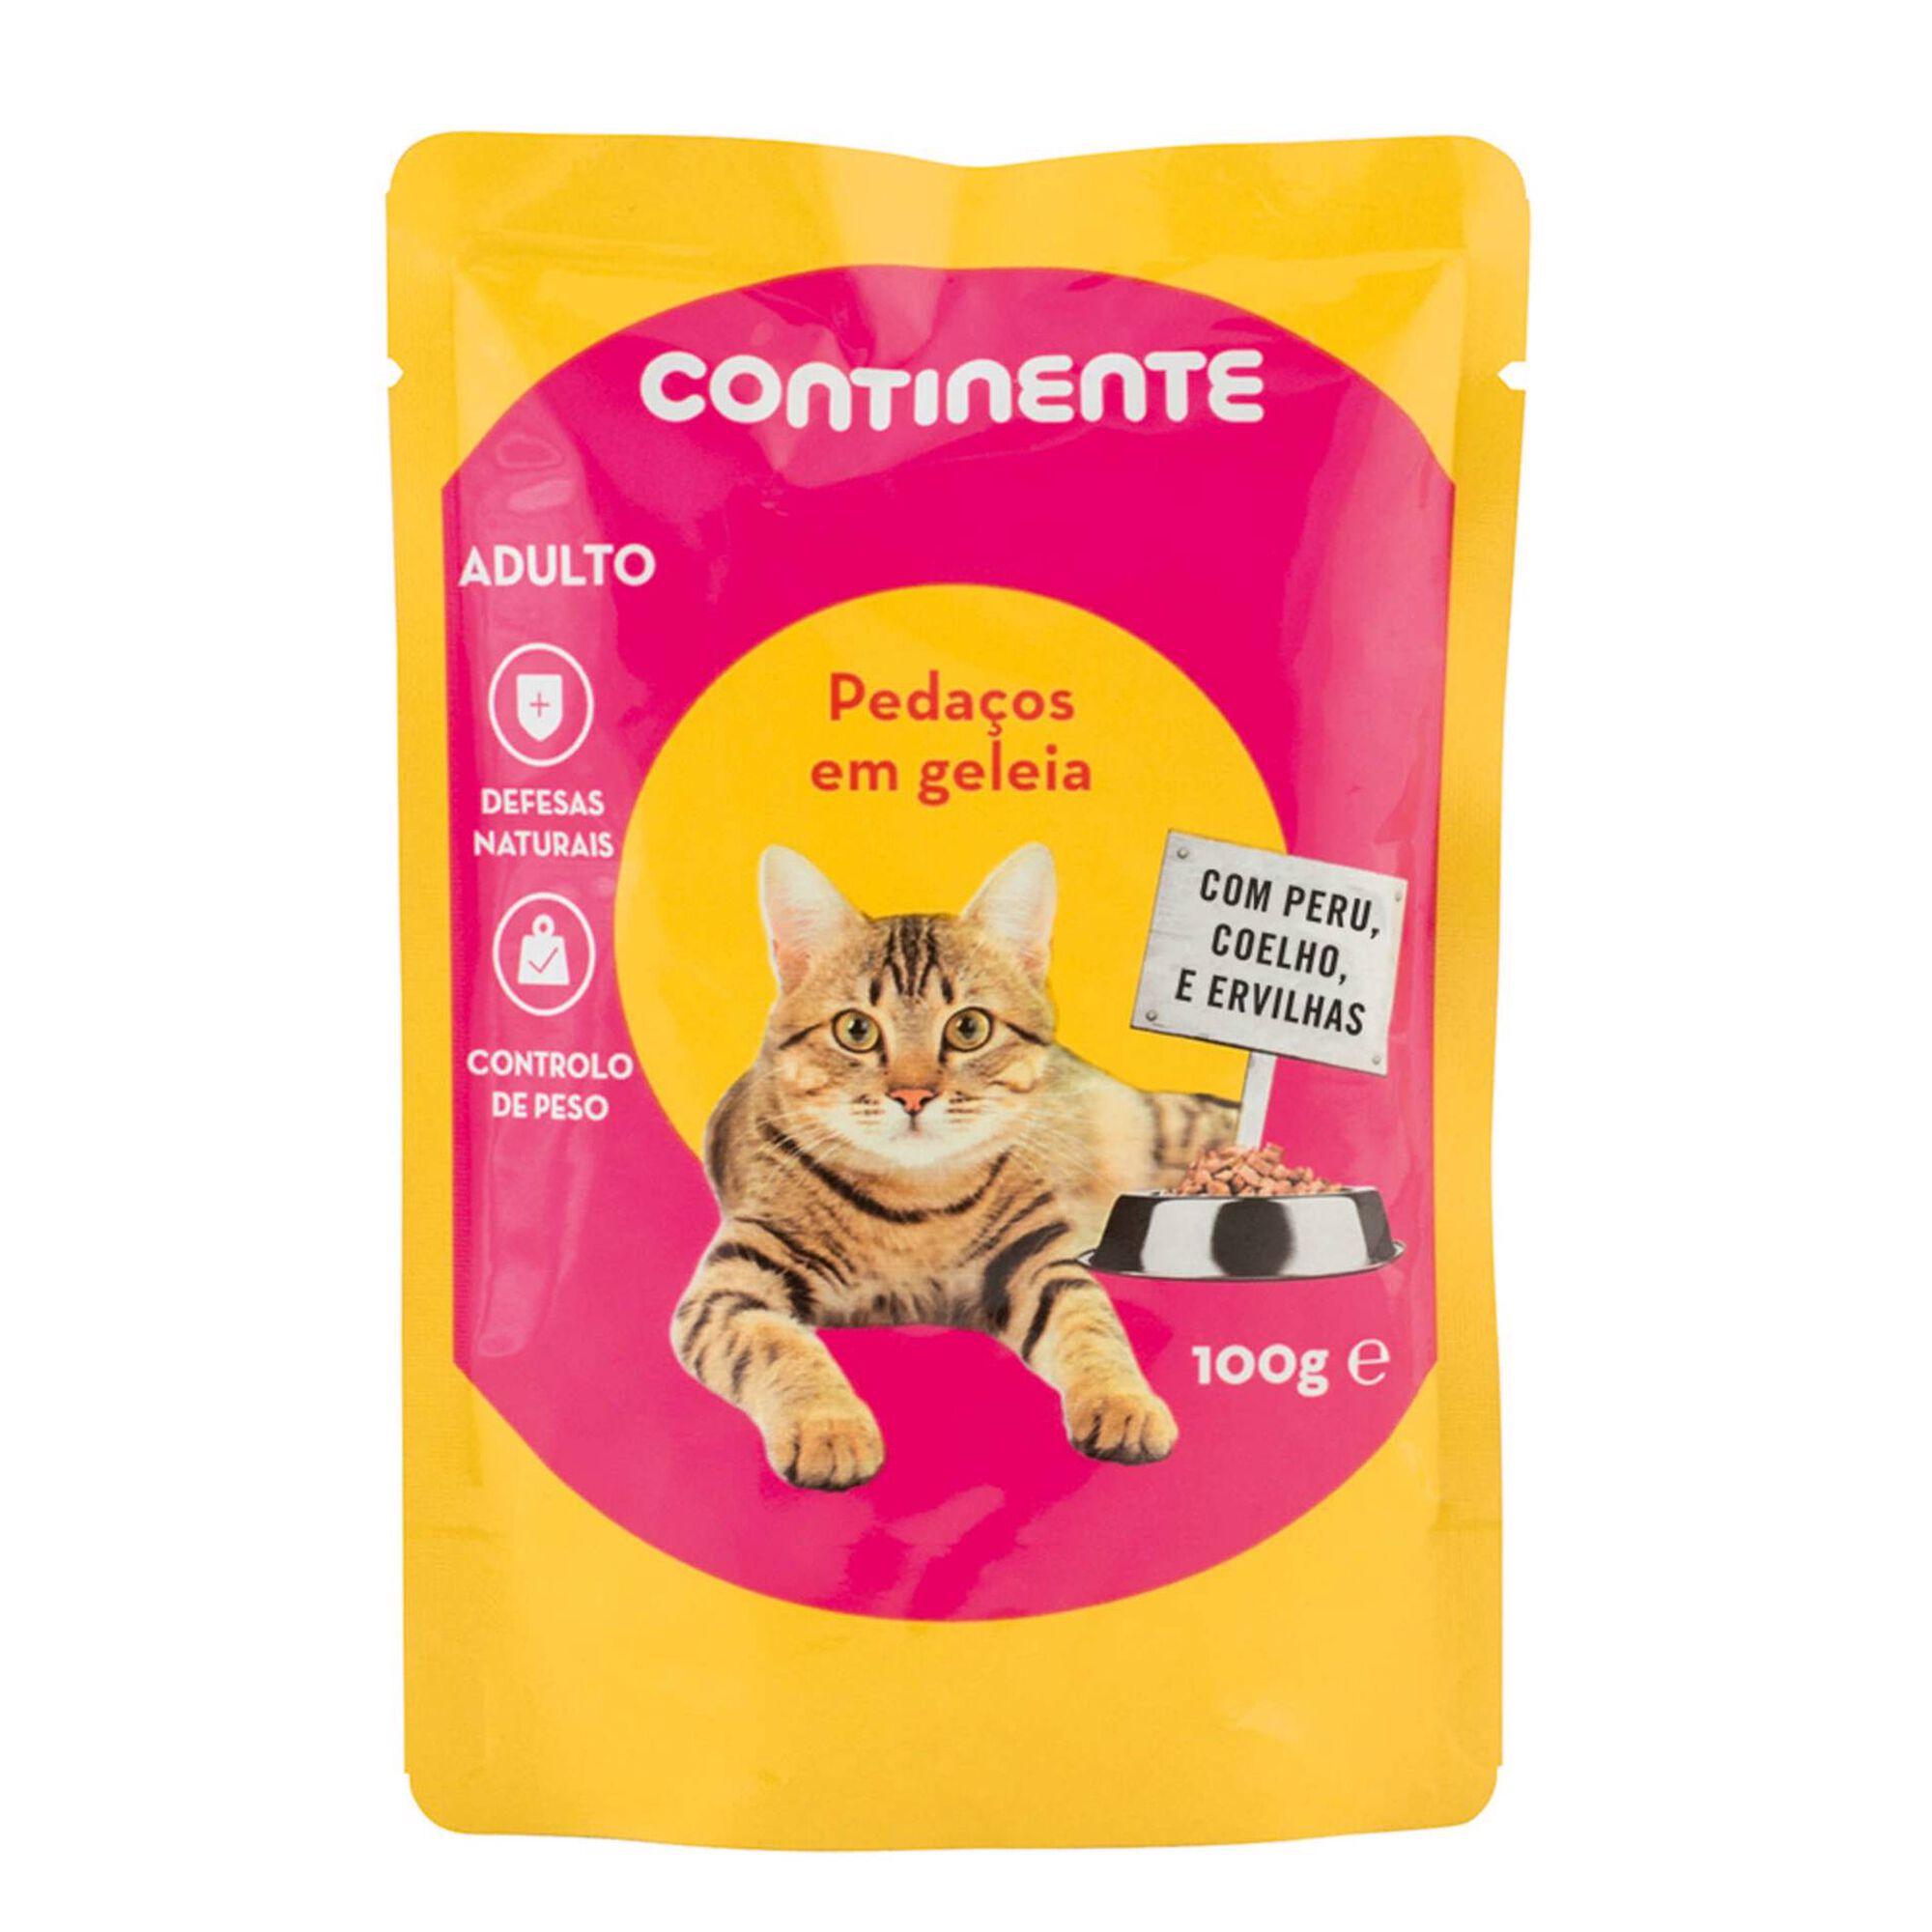 Comida Húmida para Gato Adulto Pedaços em Geleia Peru, Coelho e Ervilhas Saquetas